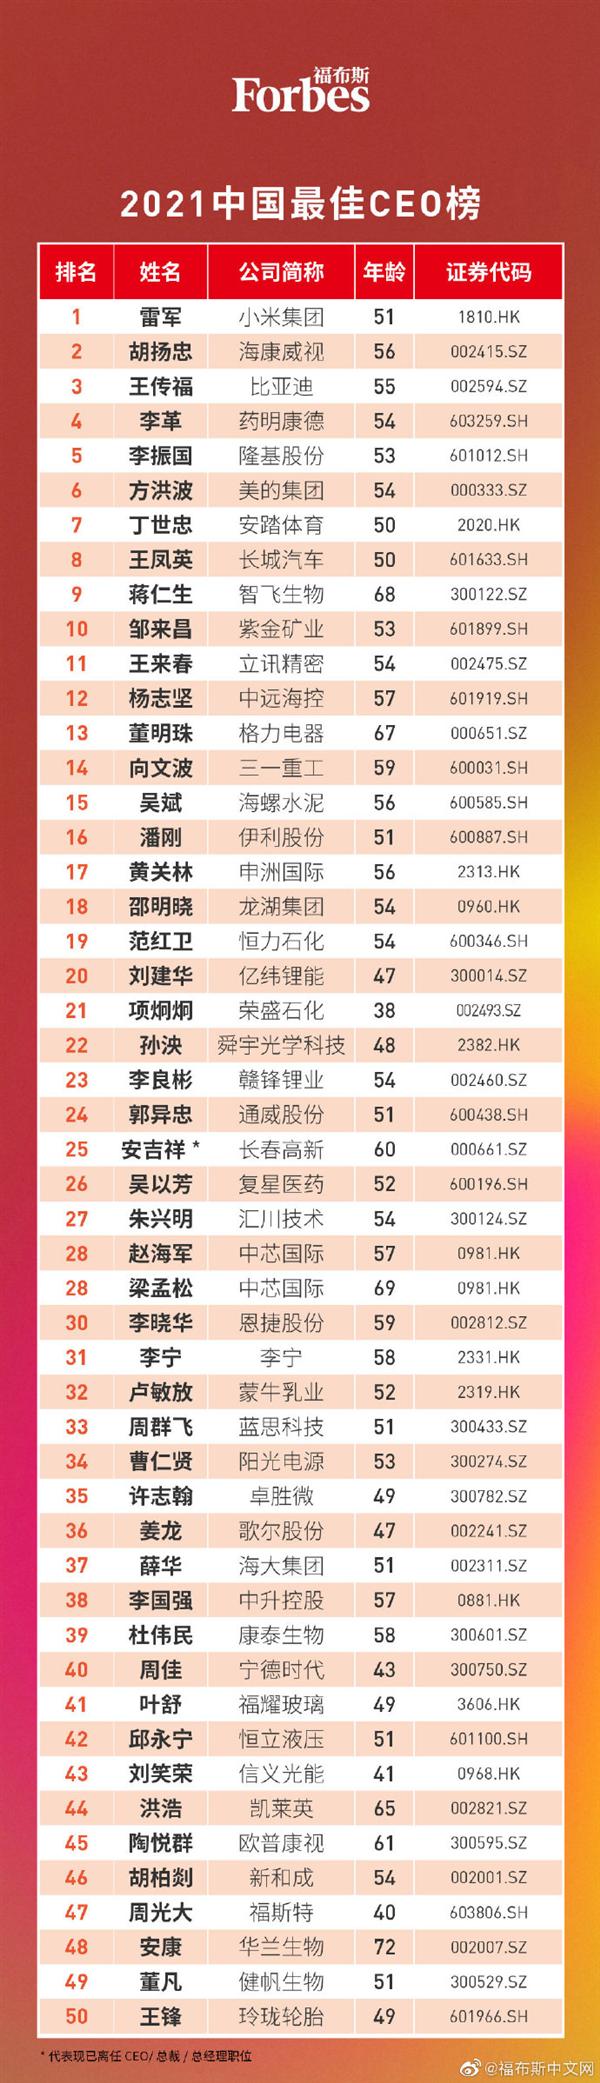 福布斯中国发布最佳CEO榜:雷军、董明珠上榜